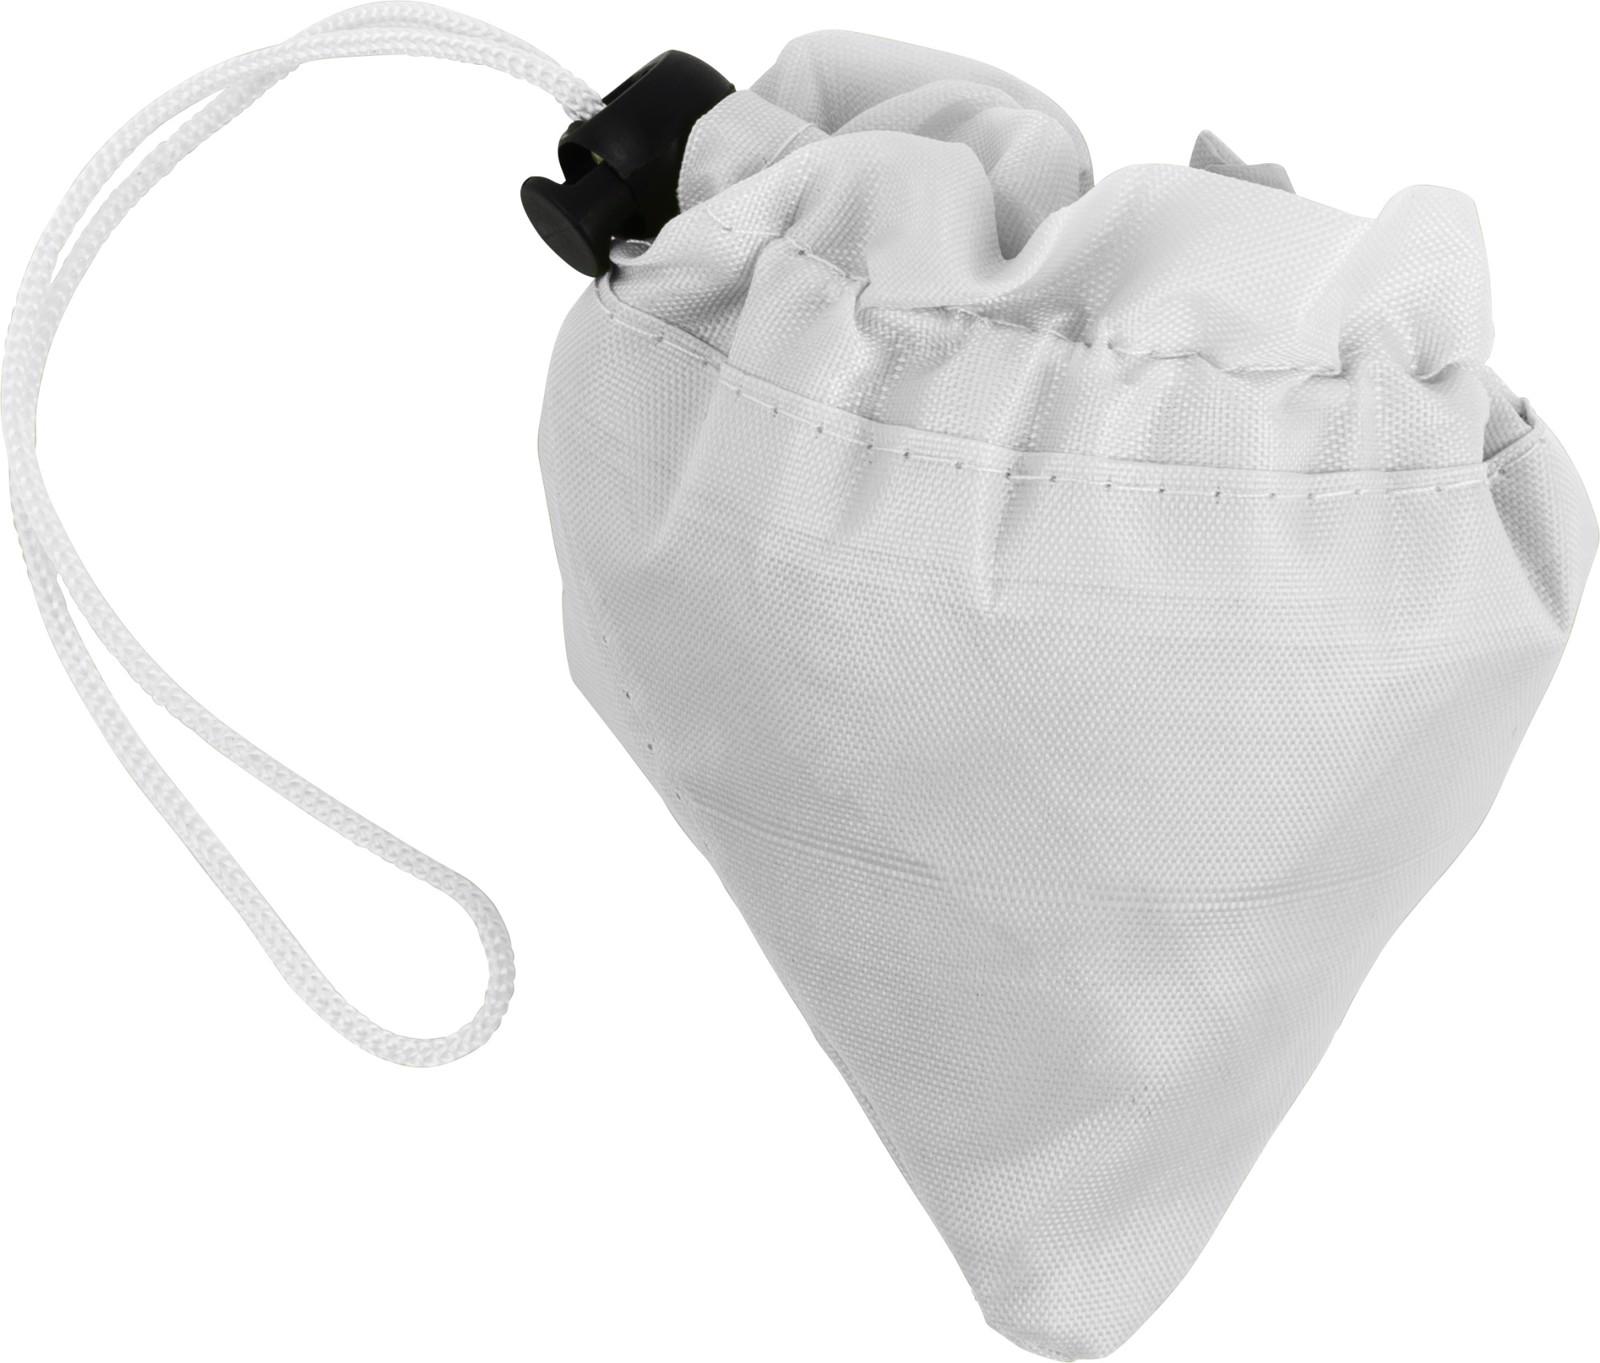 Polyester (210D) shopping bag - White